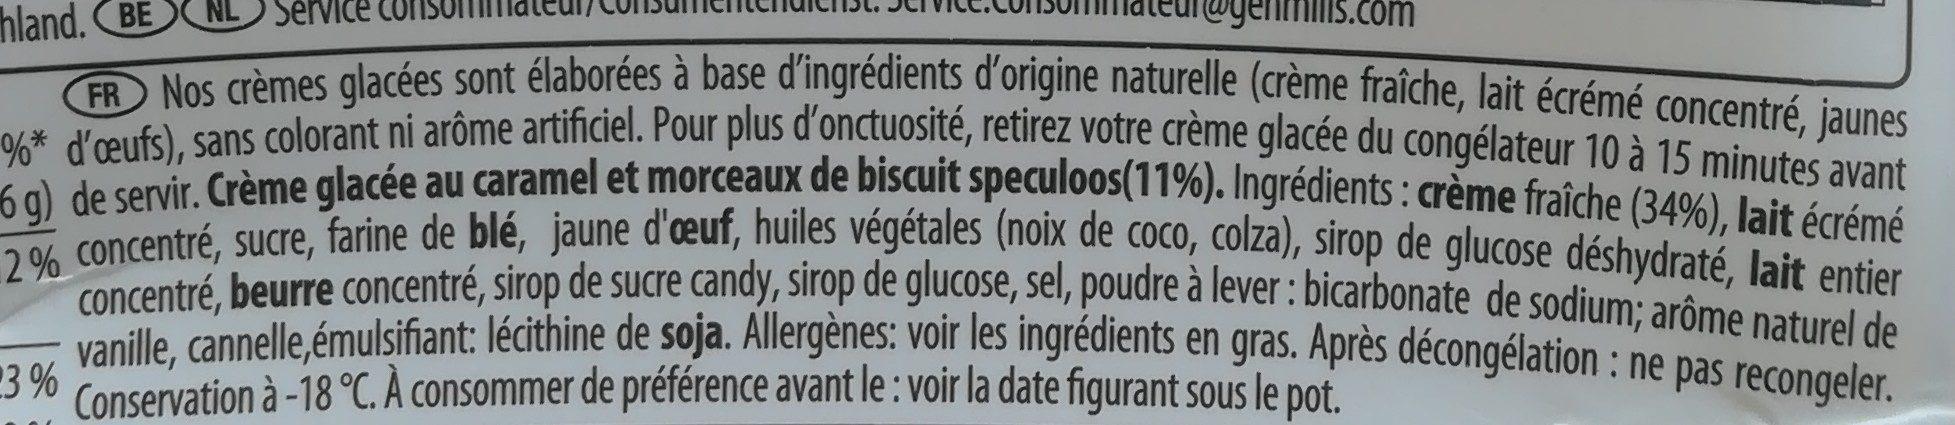 Maxi plaisir speculoos caramel biscuit cream - Ingrediënten